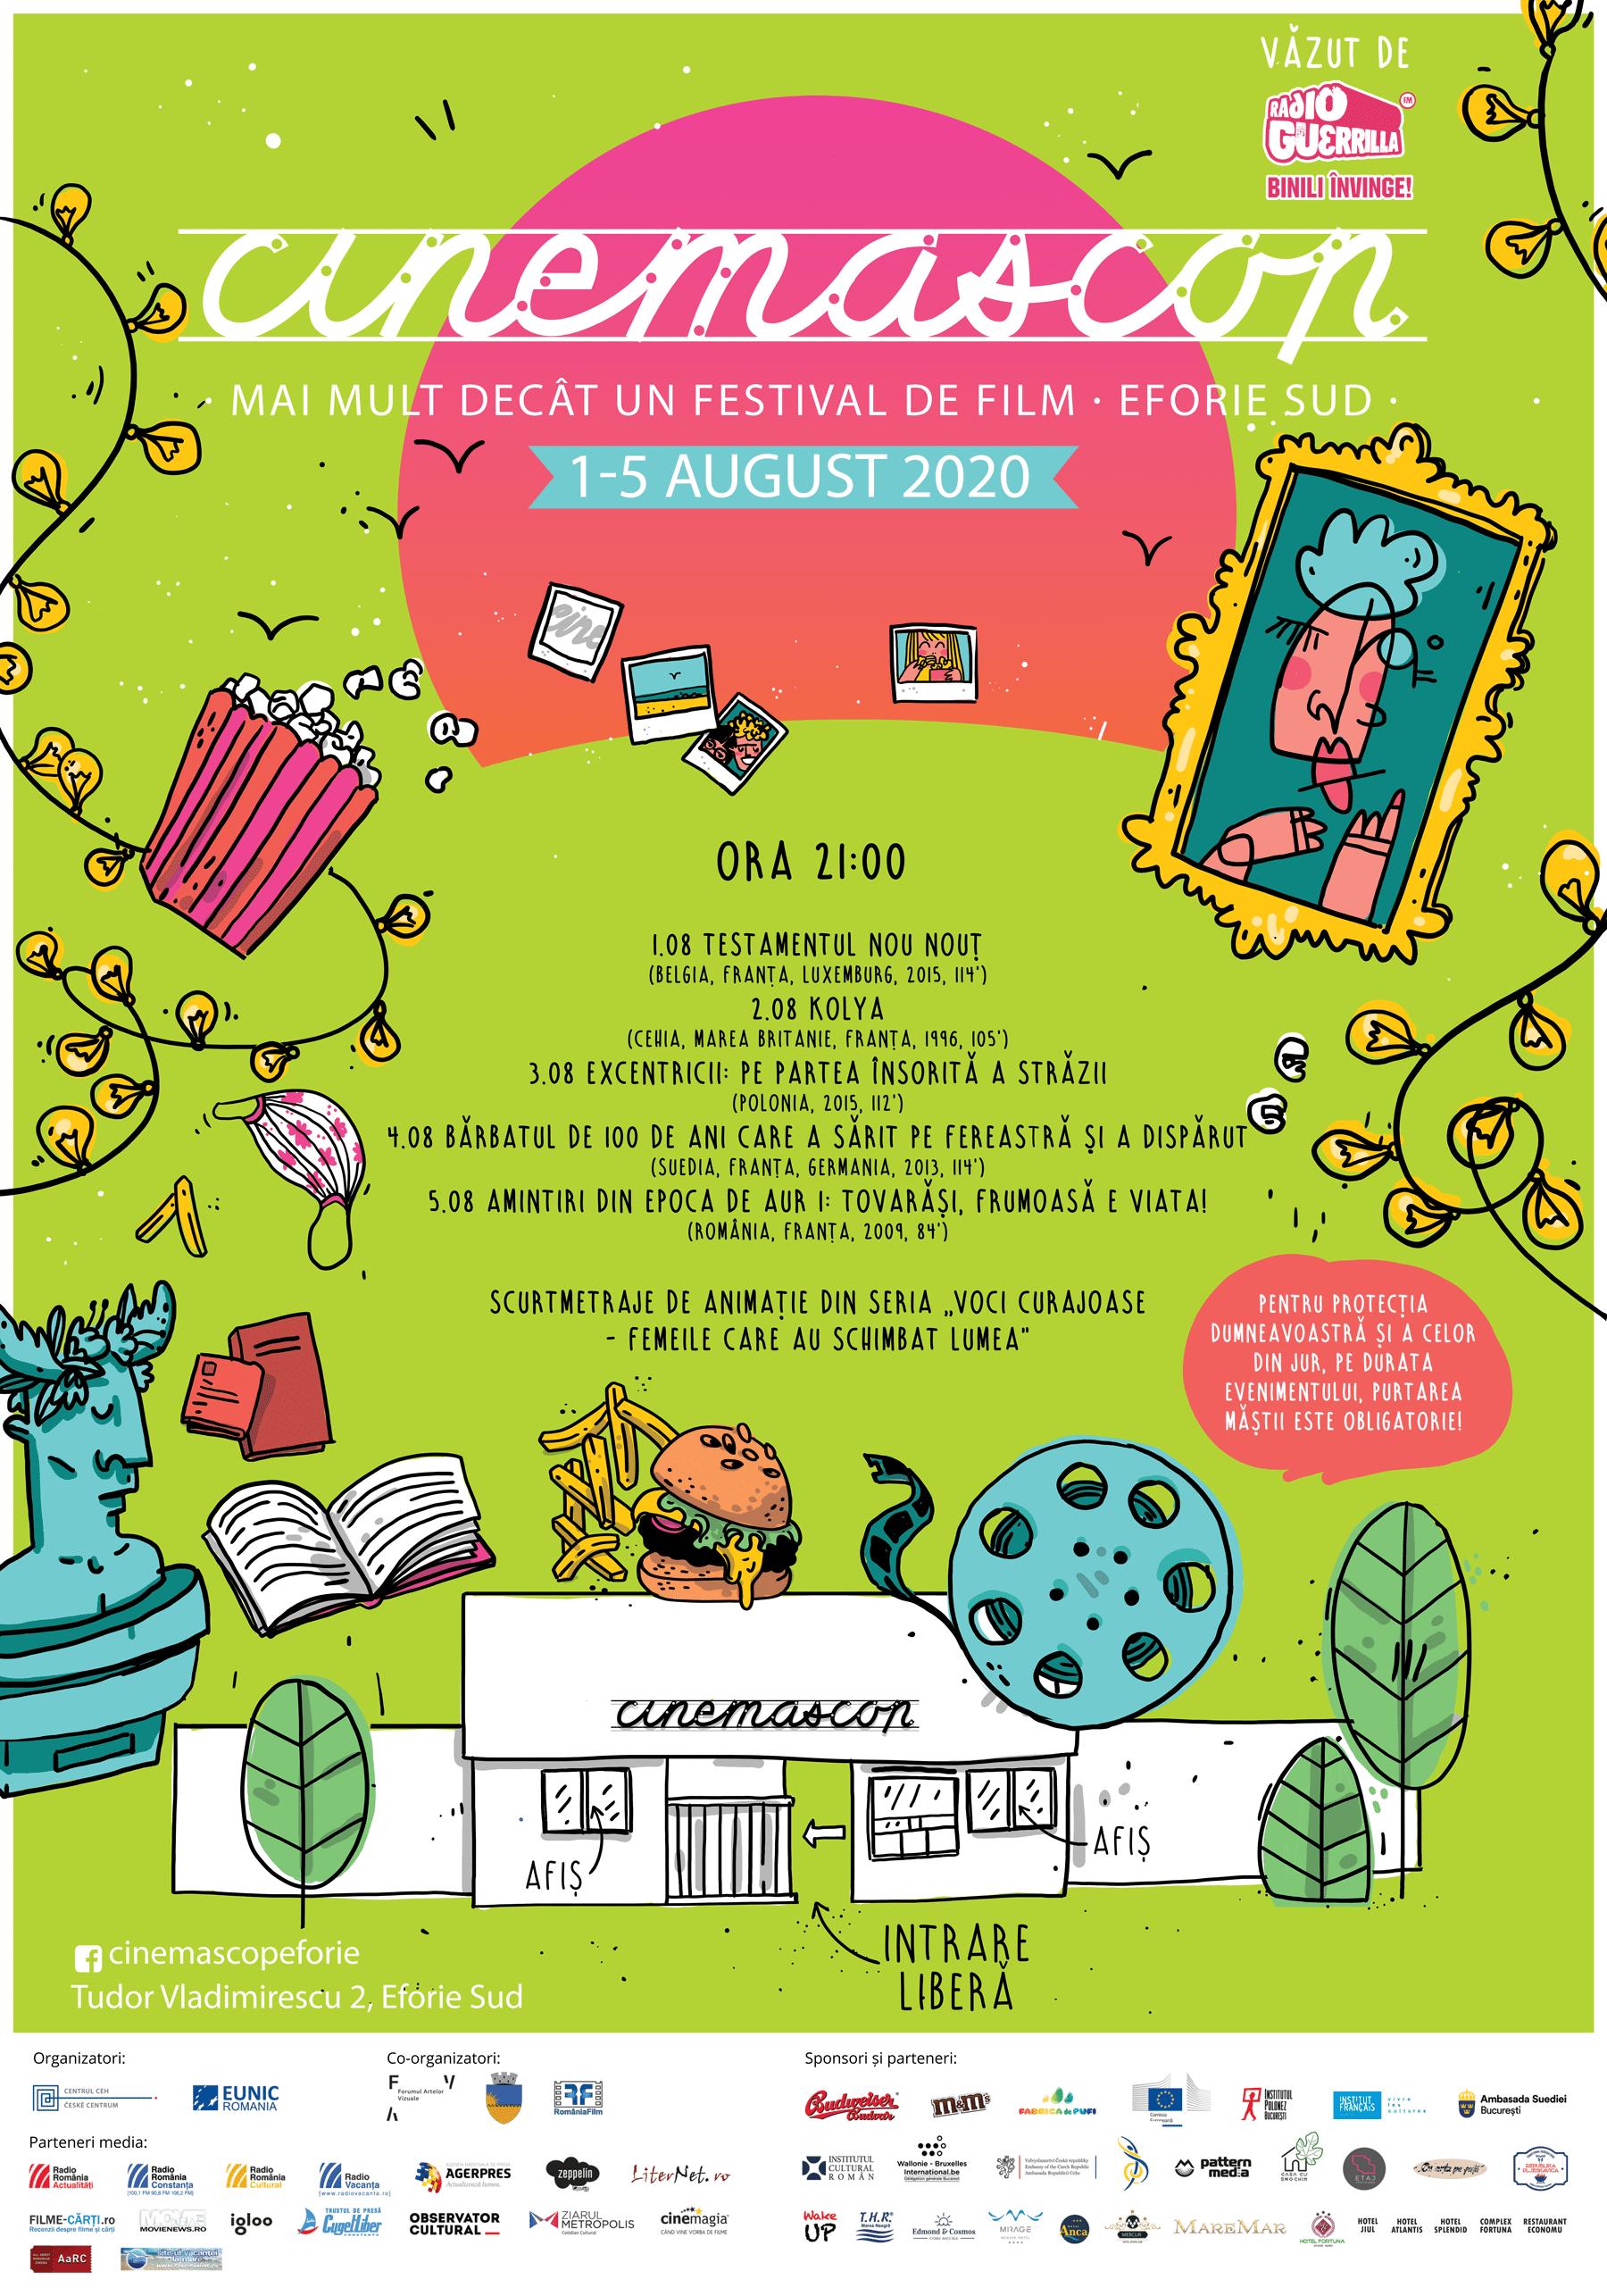 Festivalul Cinemascop se întoarce în perioada 1-5 august!